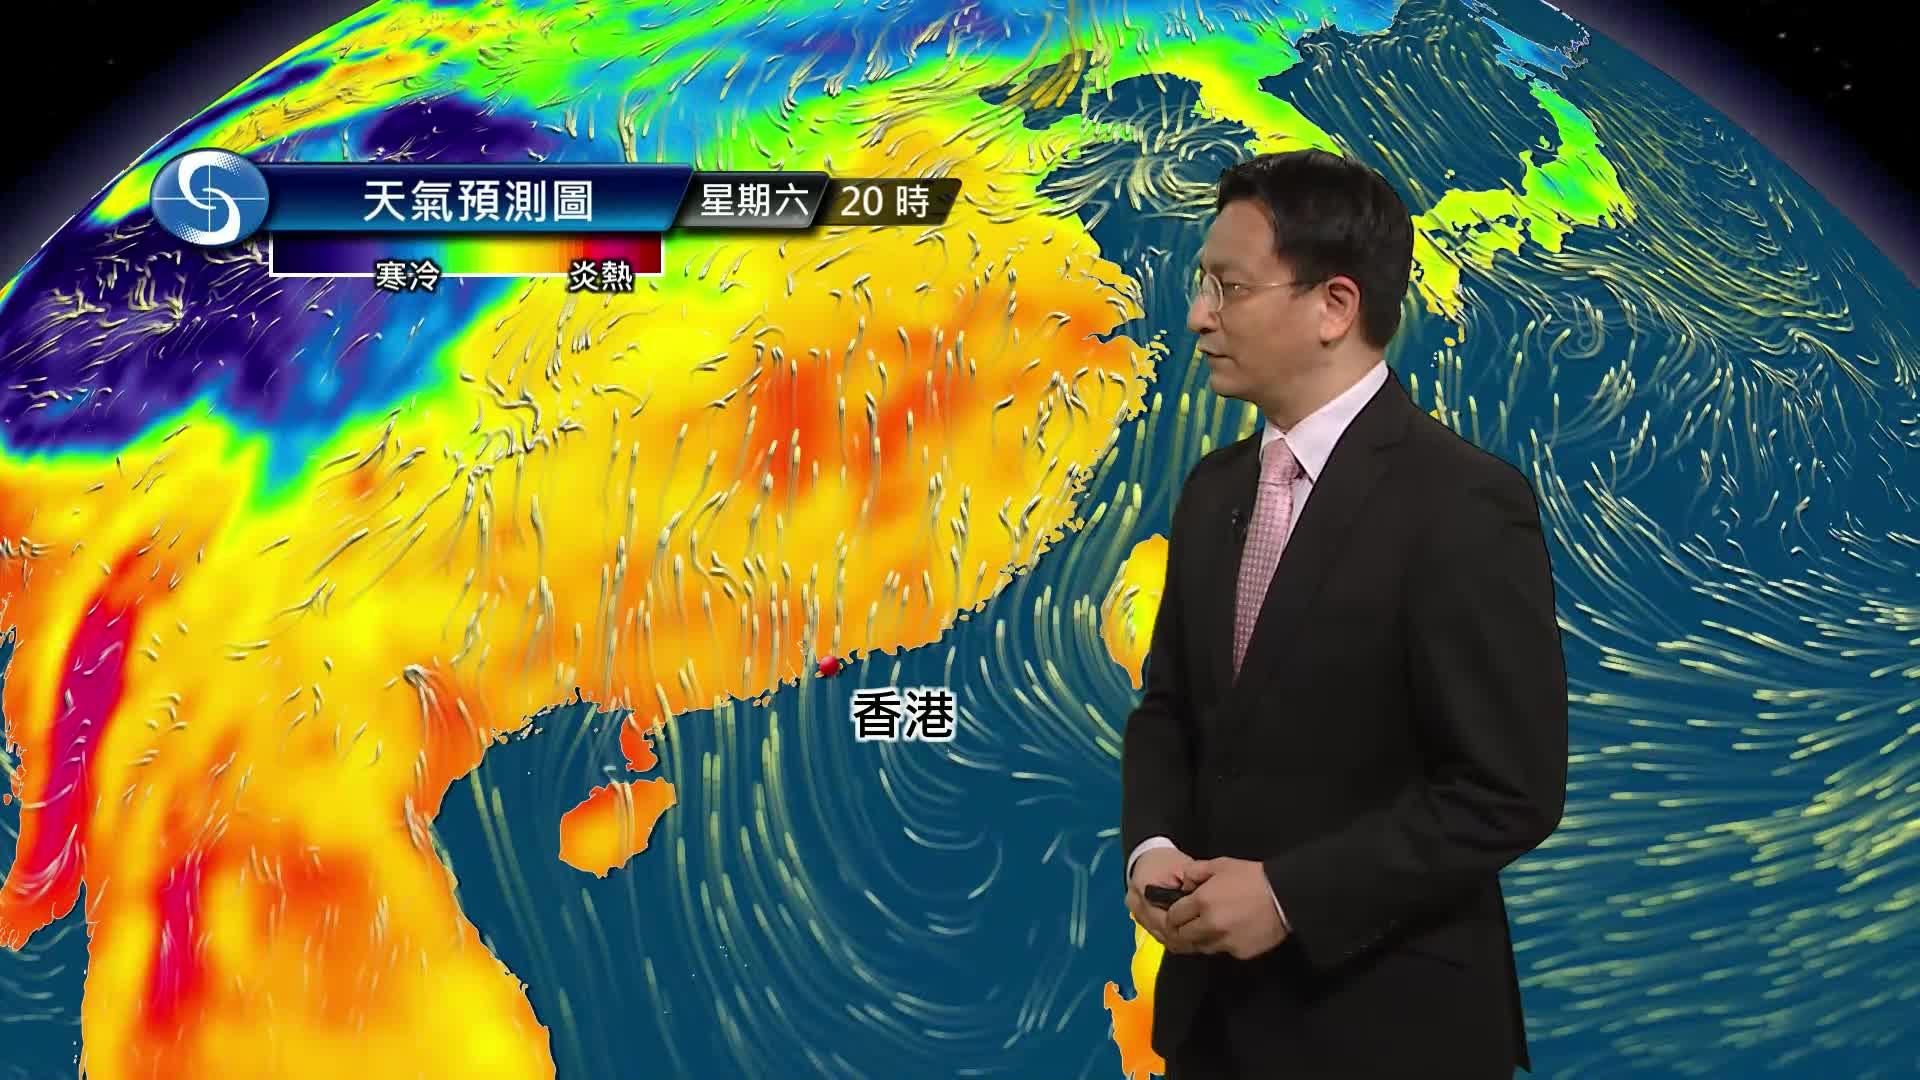 黃昏天氣節目(05月11日下午6時) - 總學術主任劉廸森